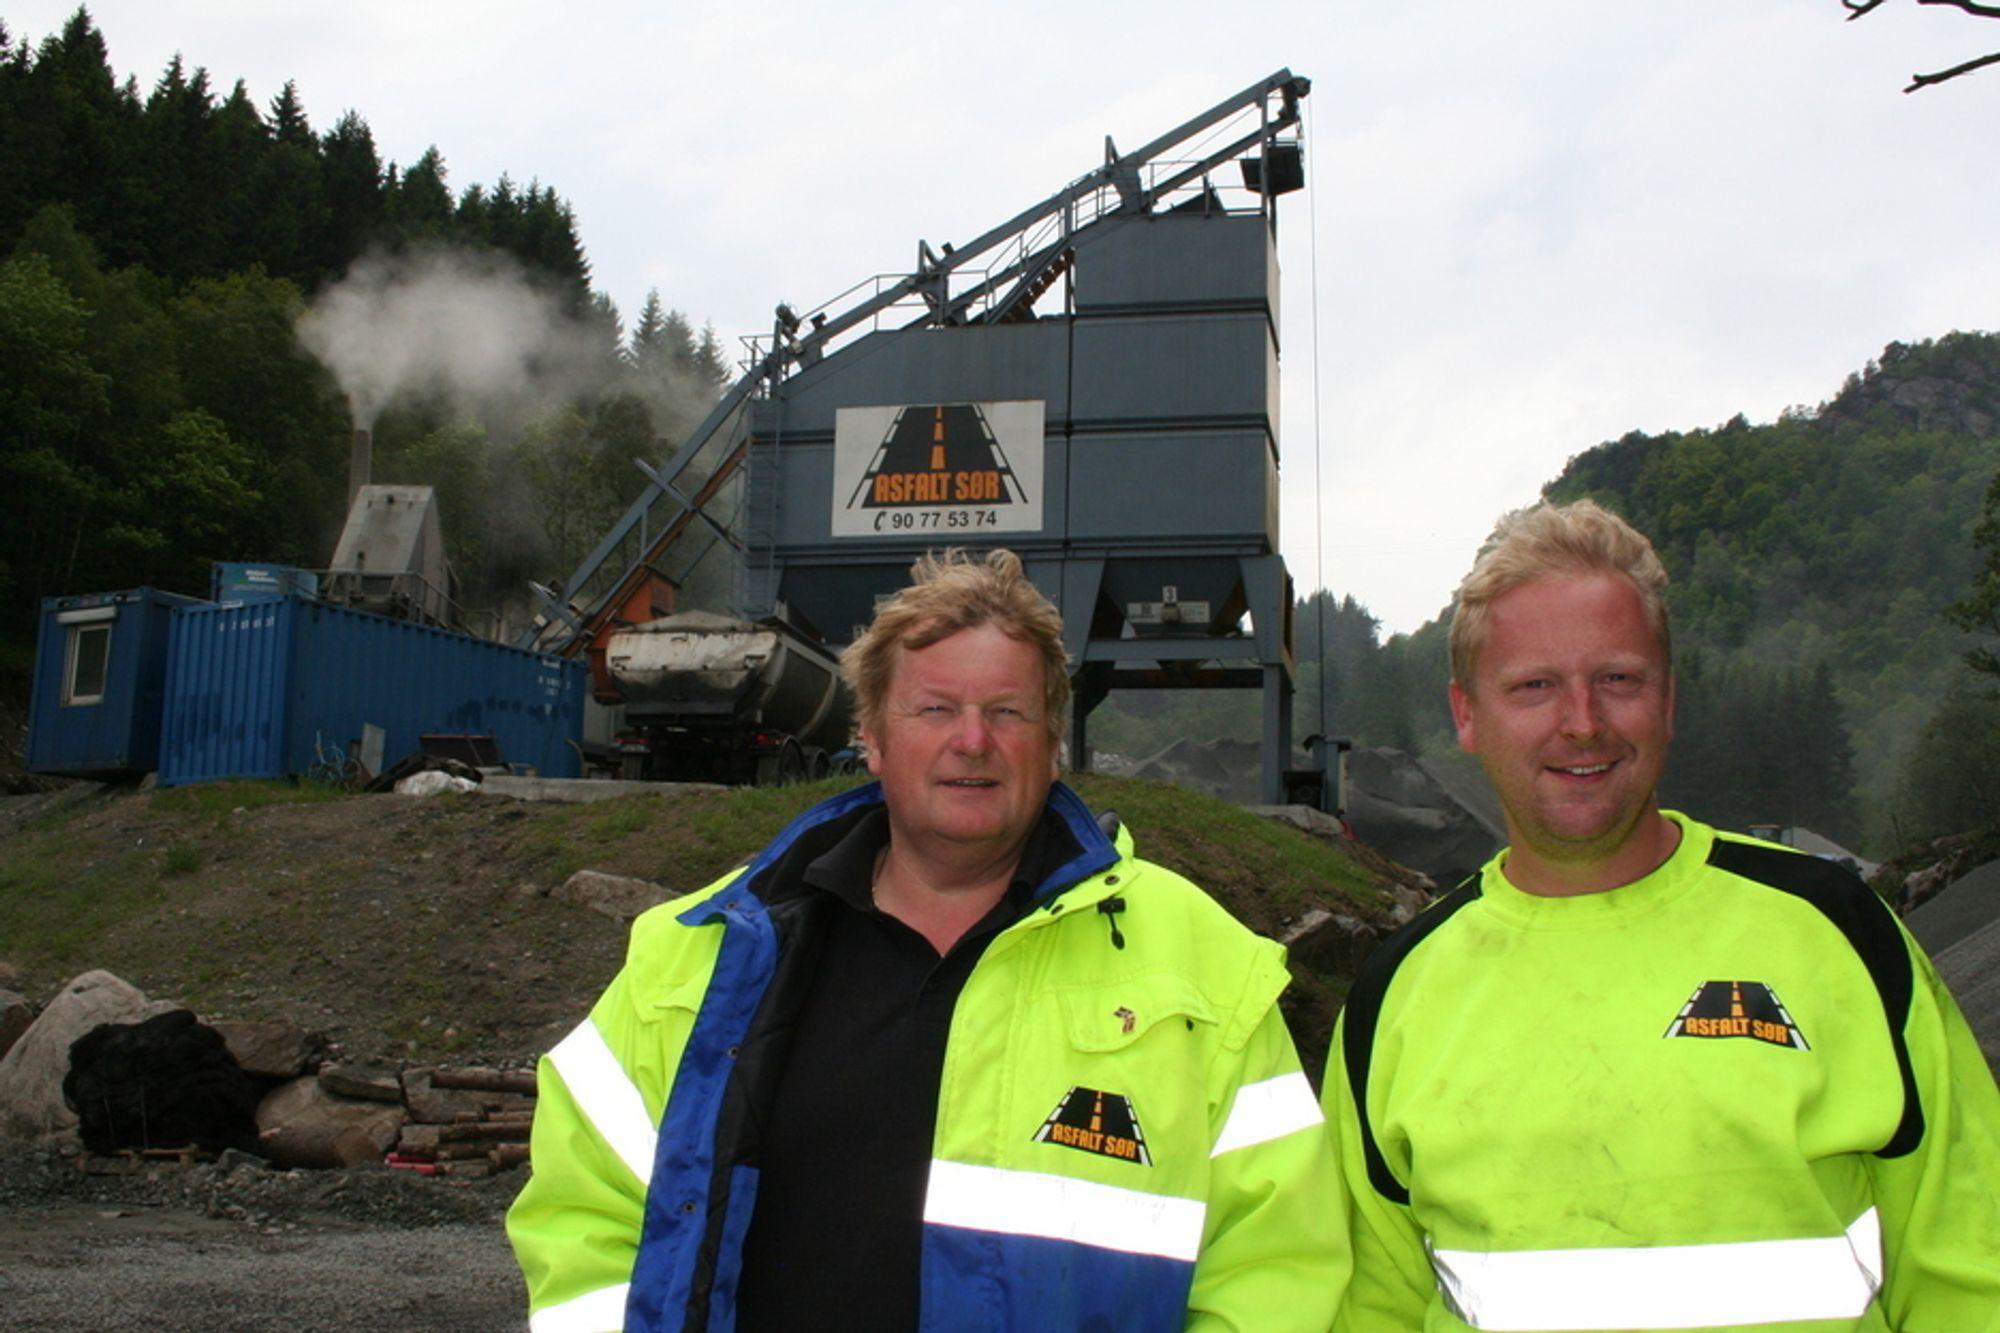 Ludvig Hunsbedt (t.v.) og Per Erik Røgenes i Asfalt Sør AS tar avgjørelsen fra Konkurransetilsynet med fatning.